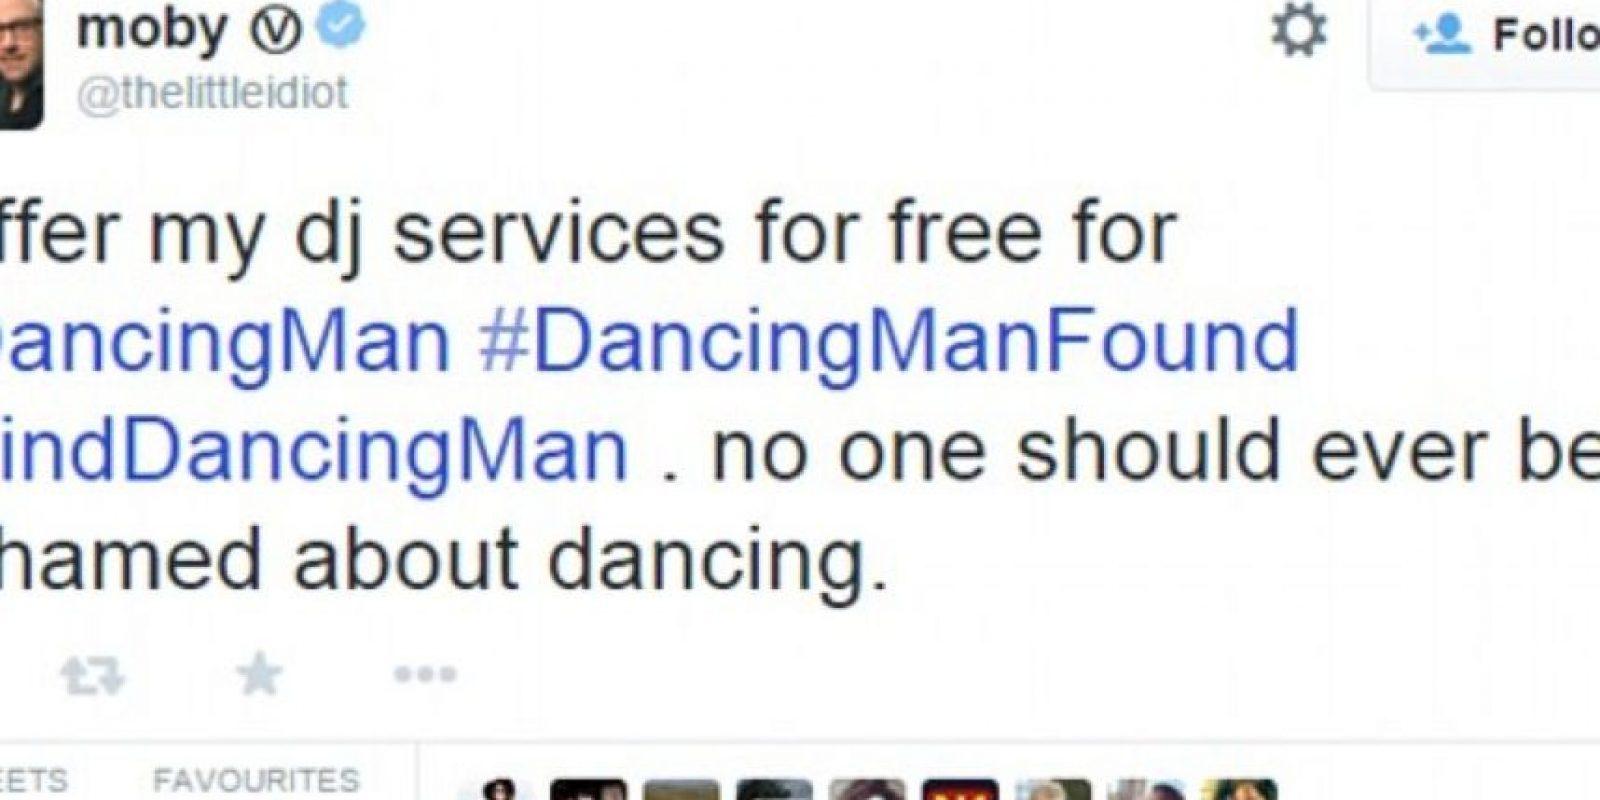 Lo mismo pasó con Moby. Decidió ofrecer sus servicios de DJ Foto:Twitter